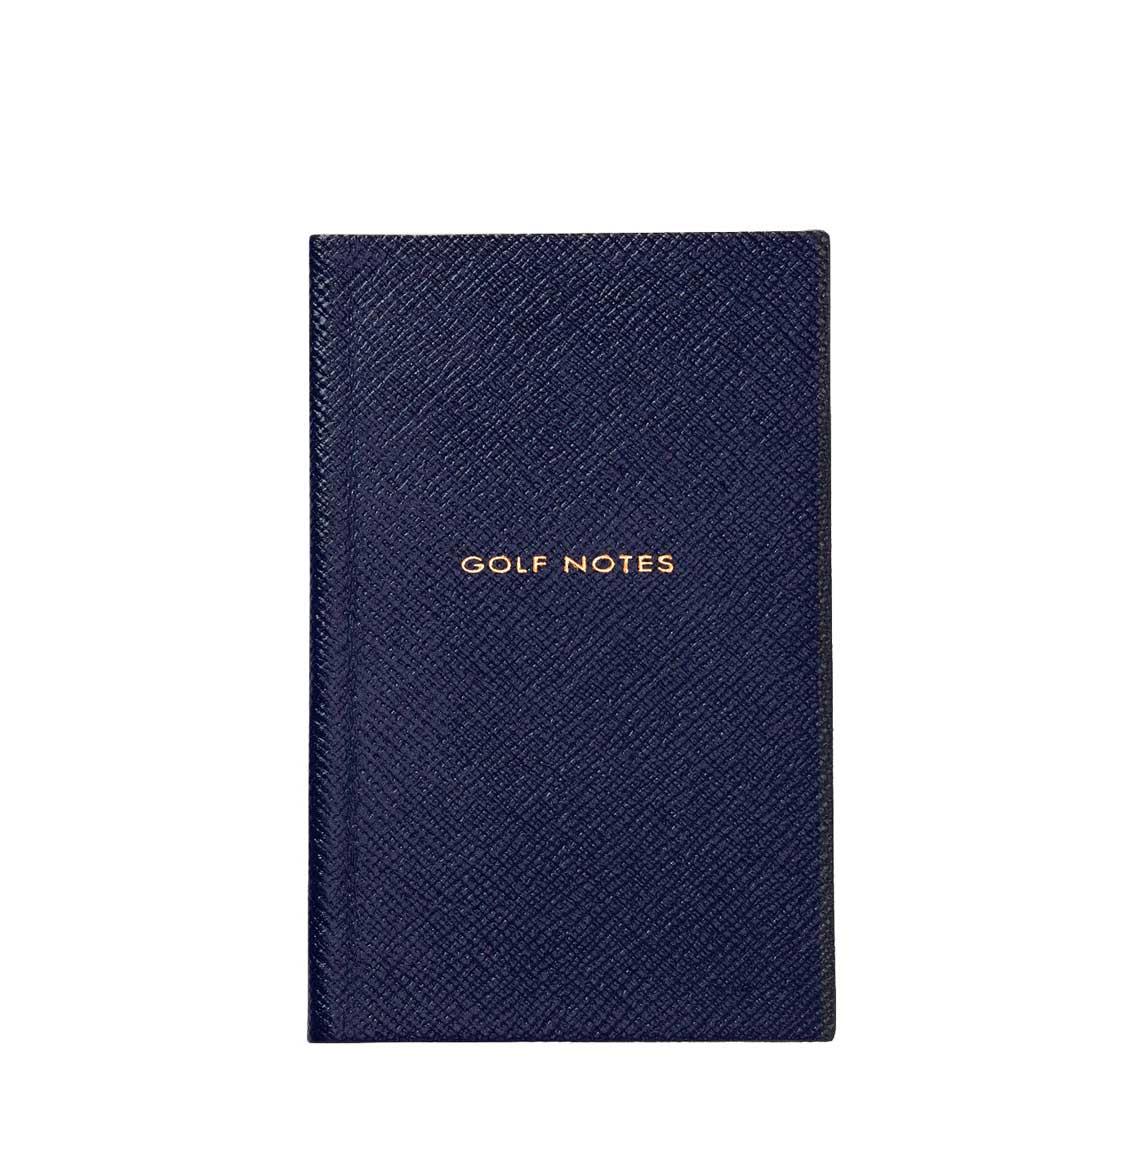 Smythson Golf Notes Notebook